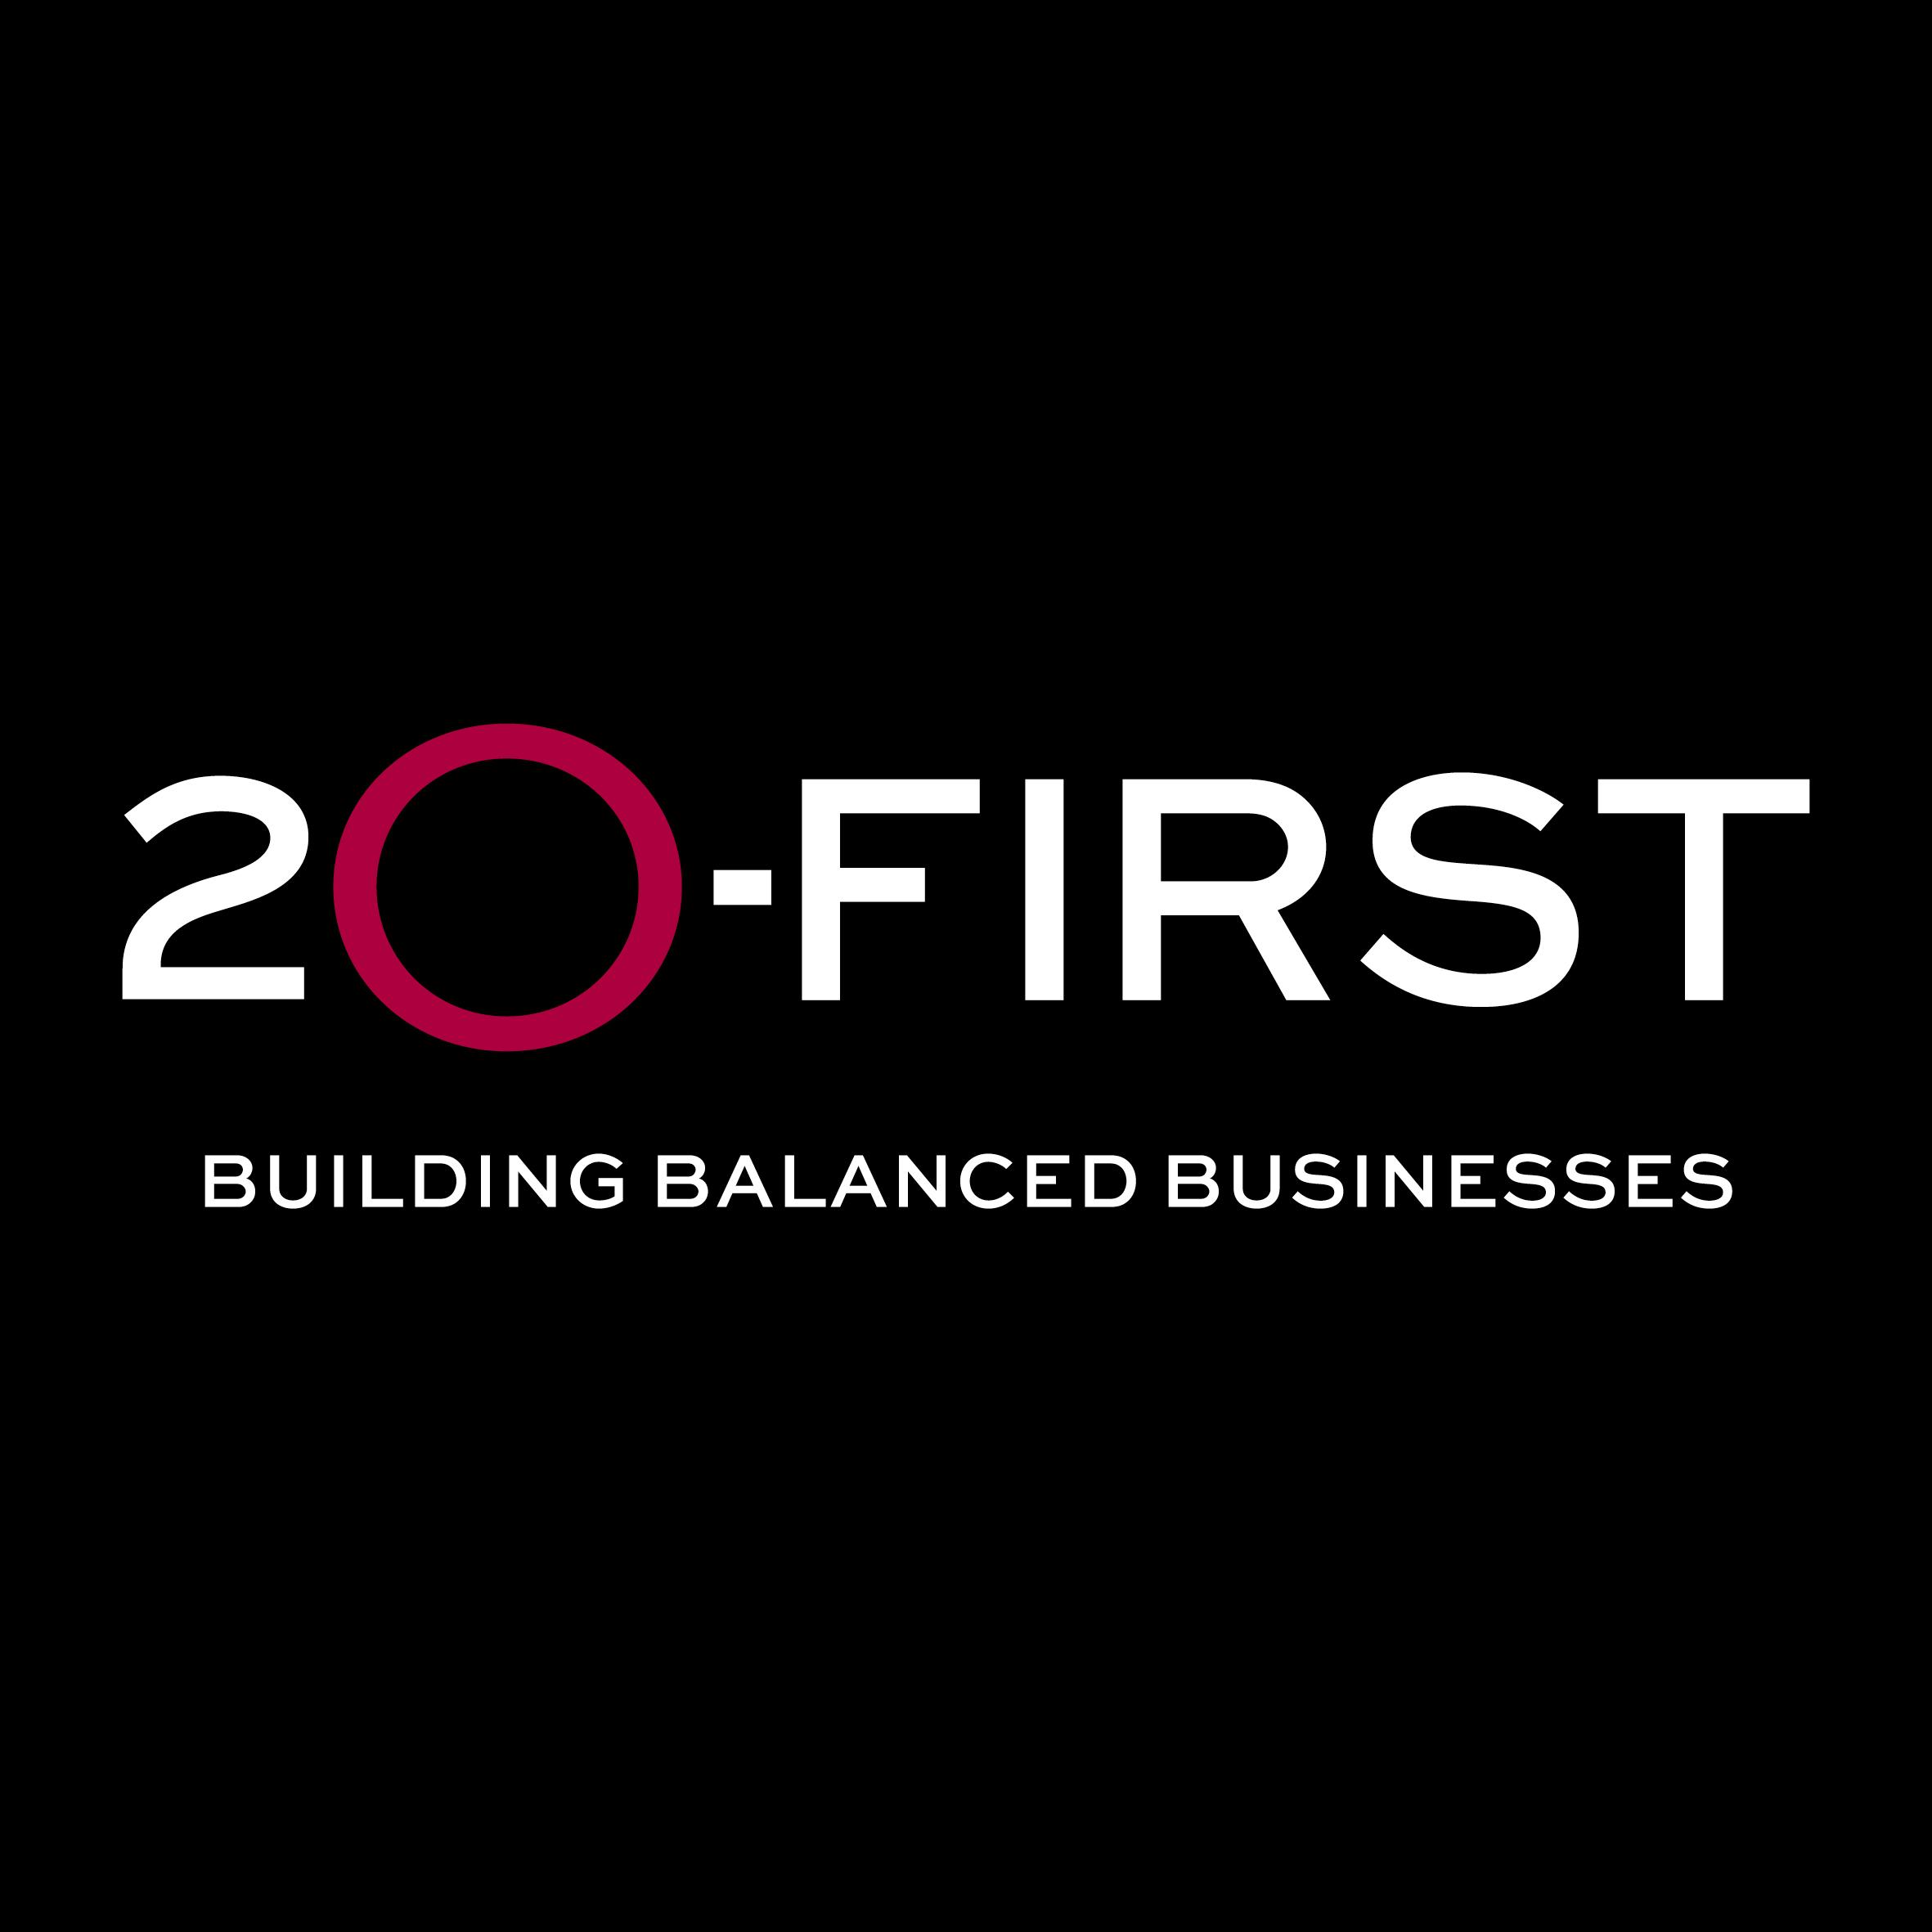 20-first